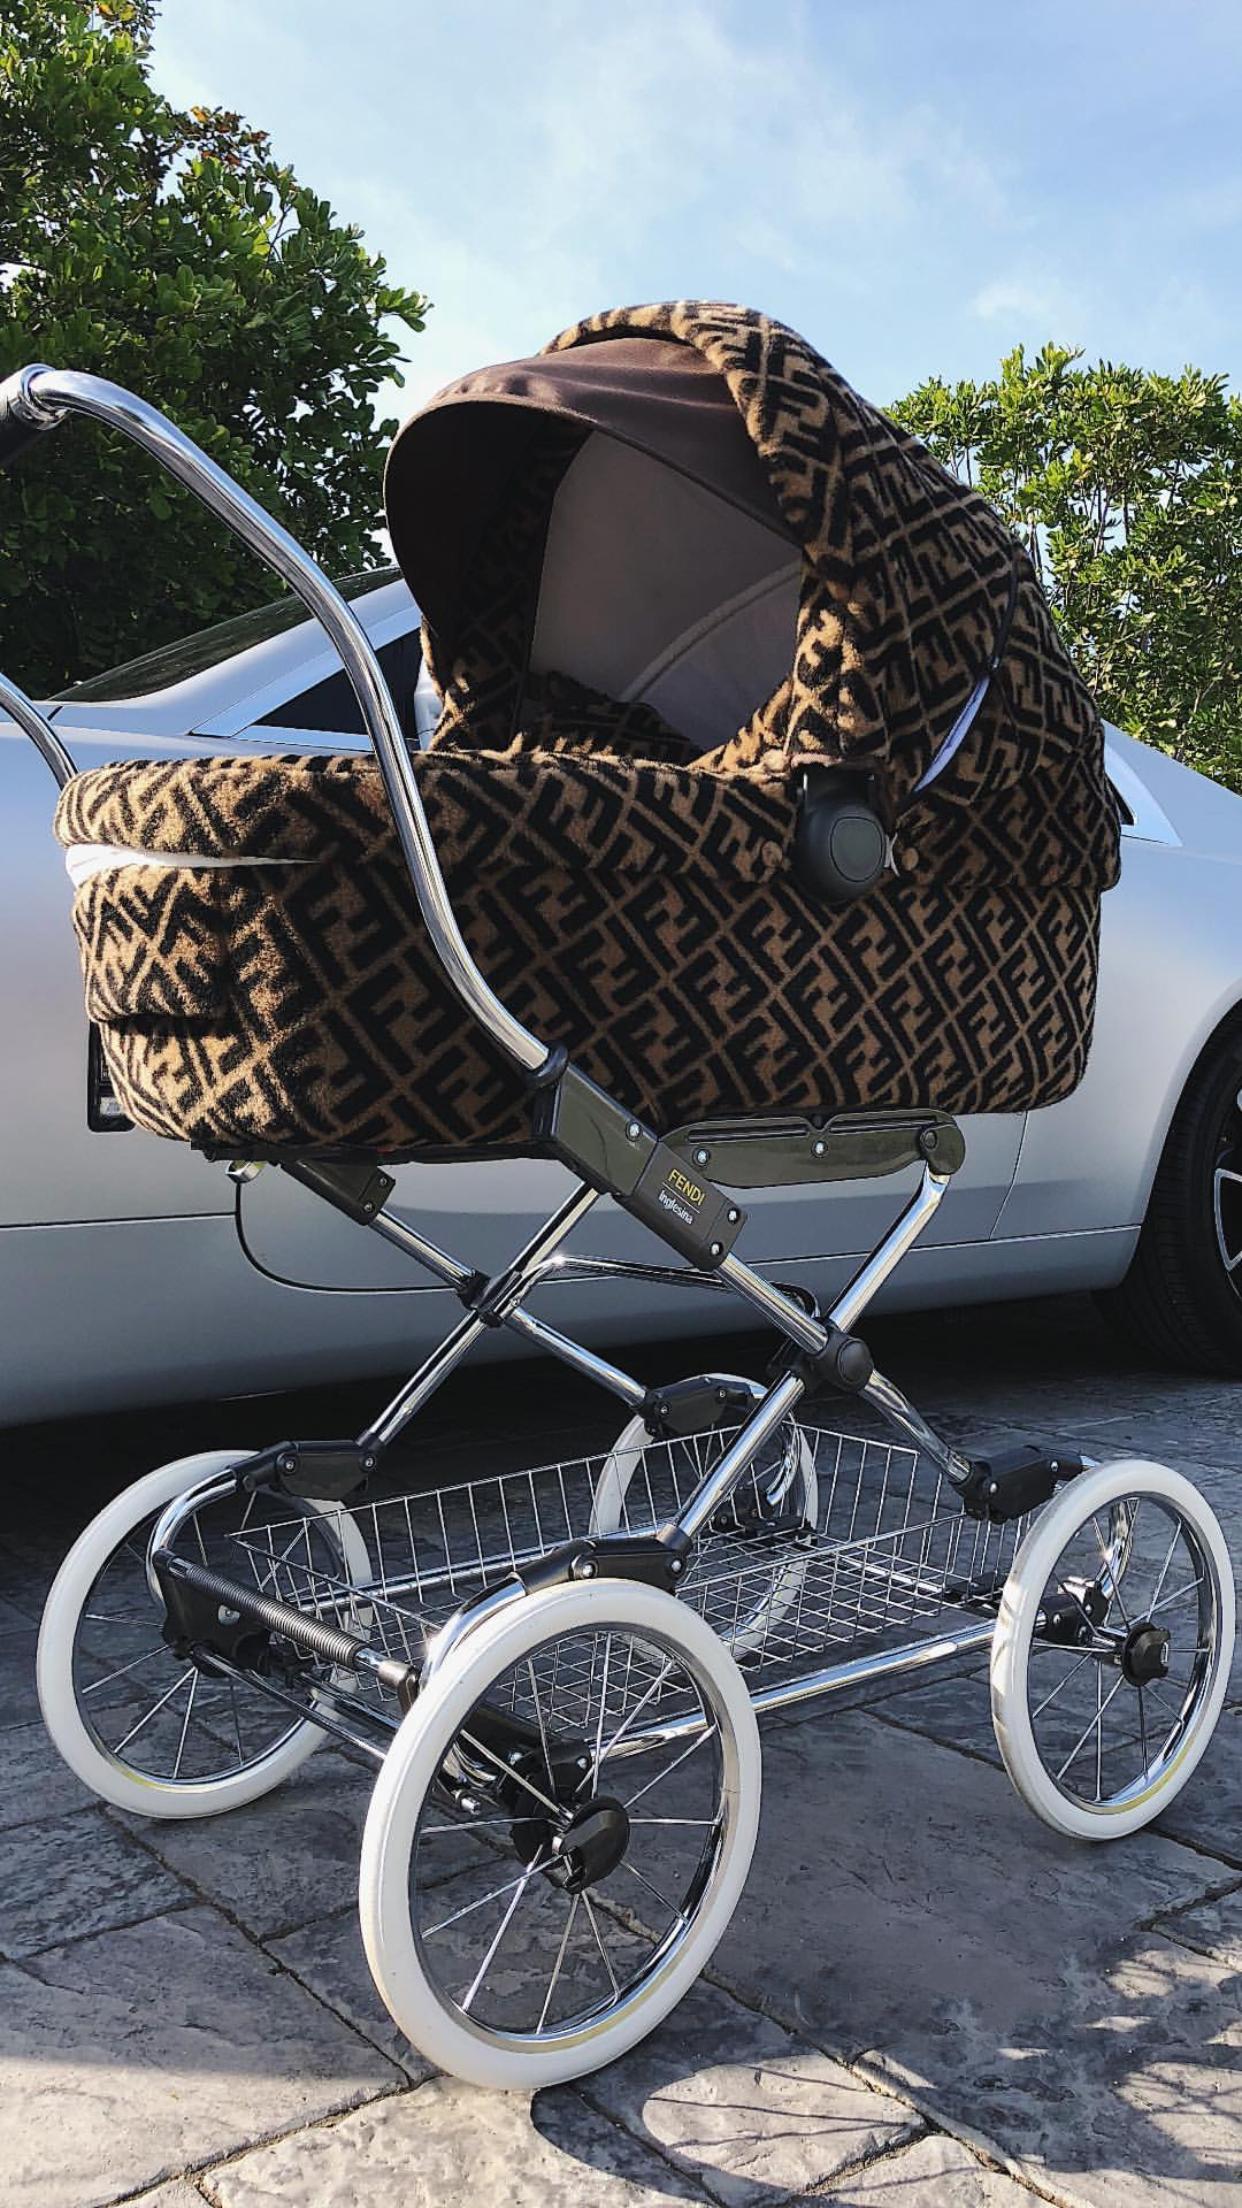 Épinglé par Leslie Rosner sur Home + Car Decor | Style ...